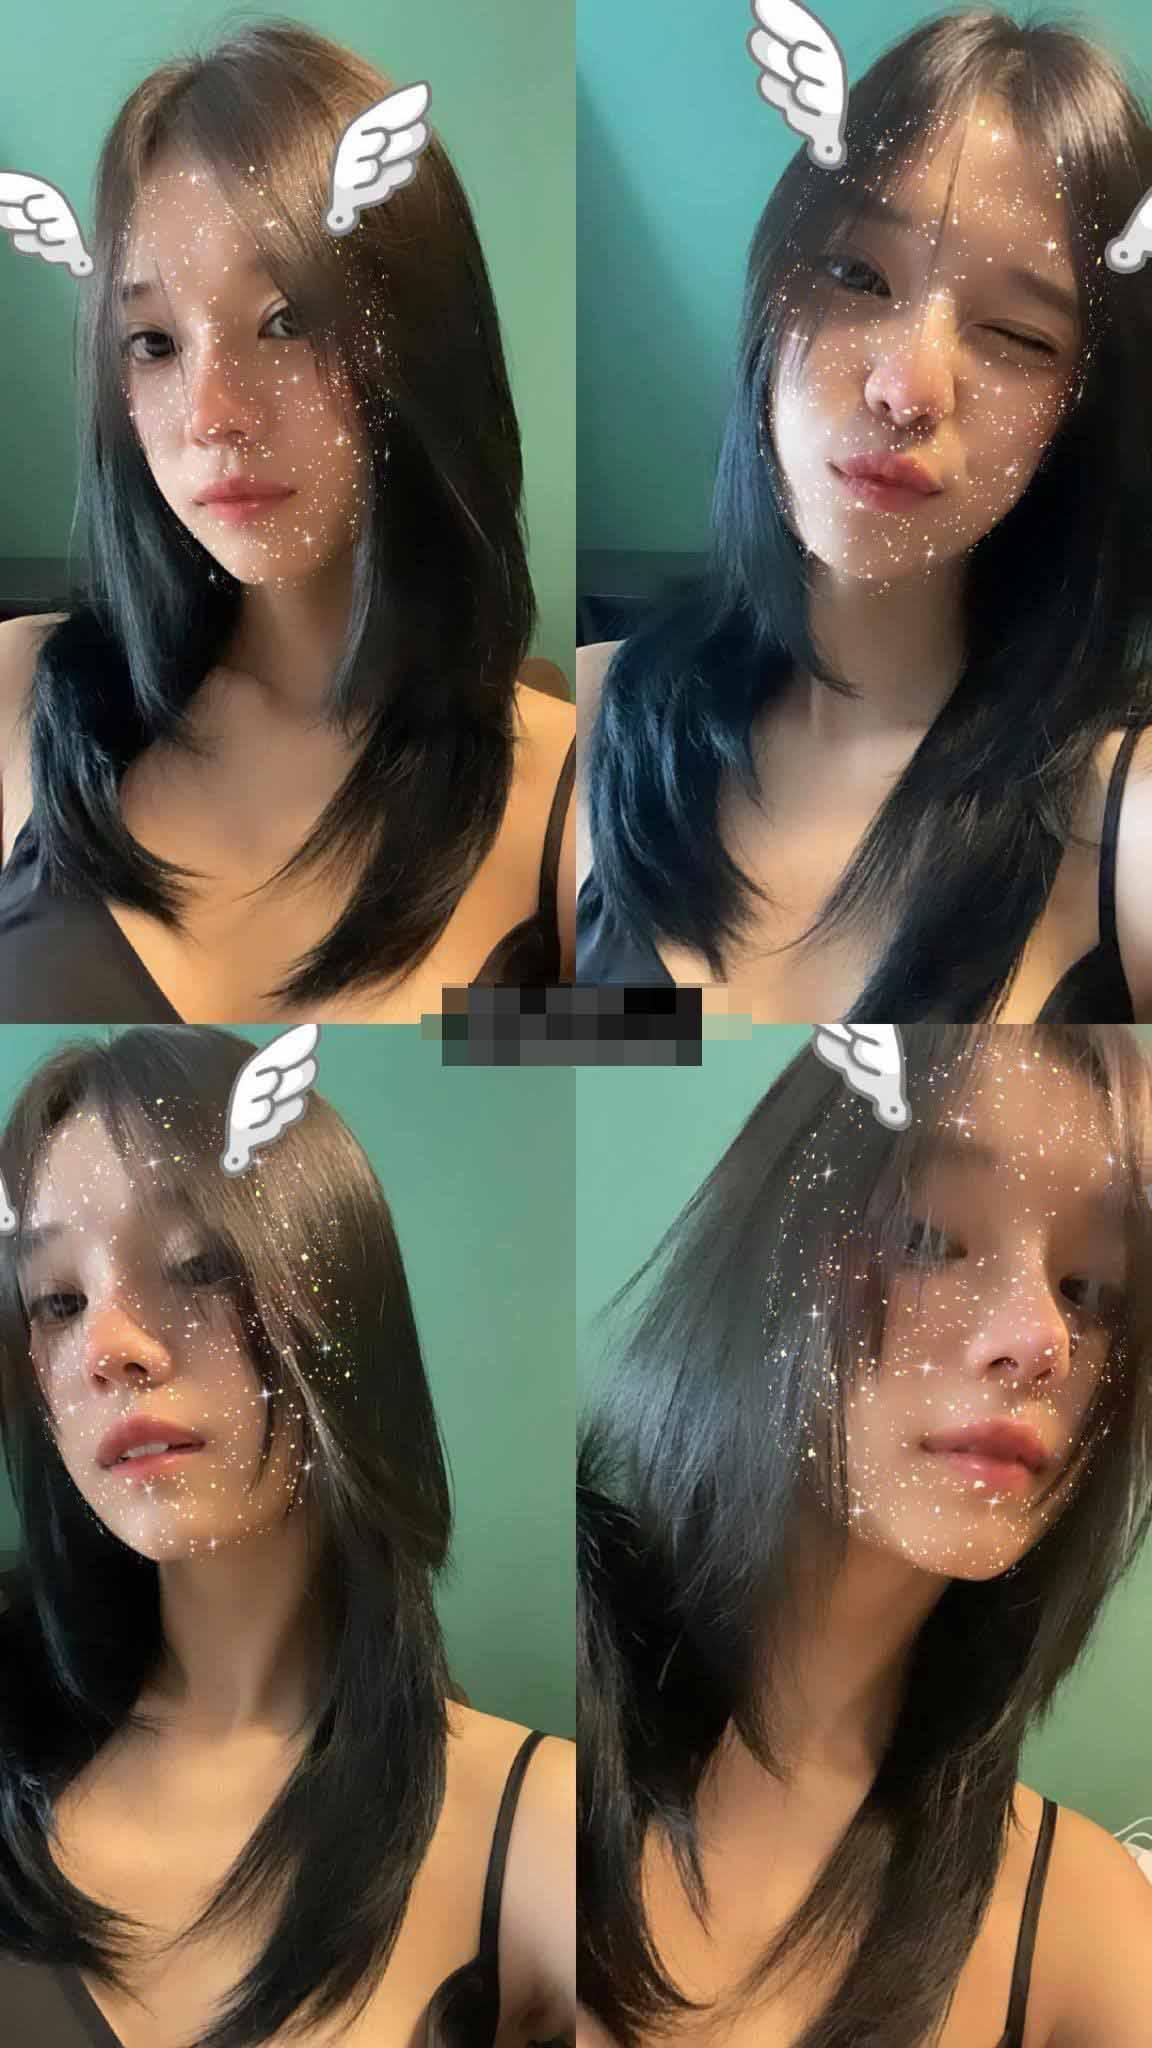 Sao Việt tưng bừng check in khoe tóc nhân ngày amp;#34;bình thường mớiamp;#34;, chất nhất gọi tên Tóc Tiên - 3